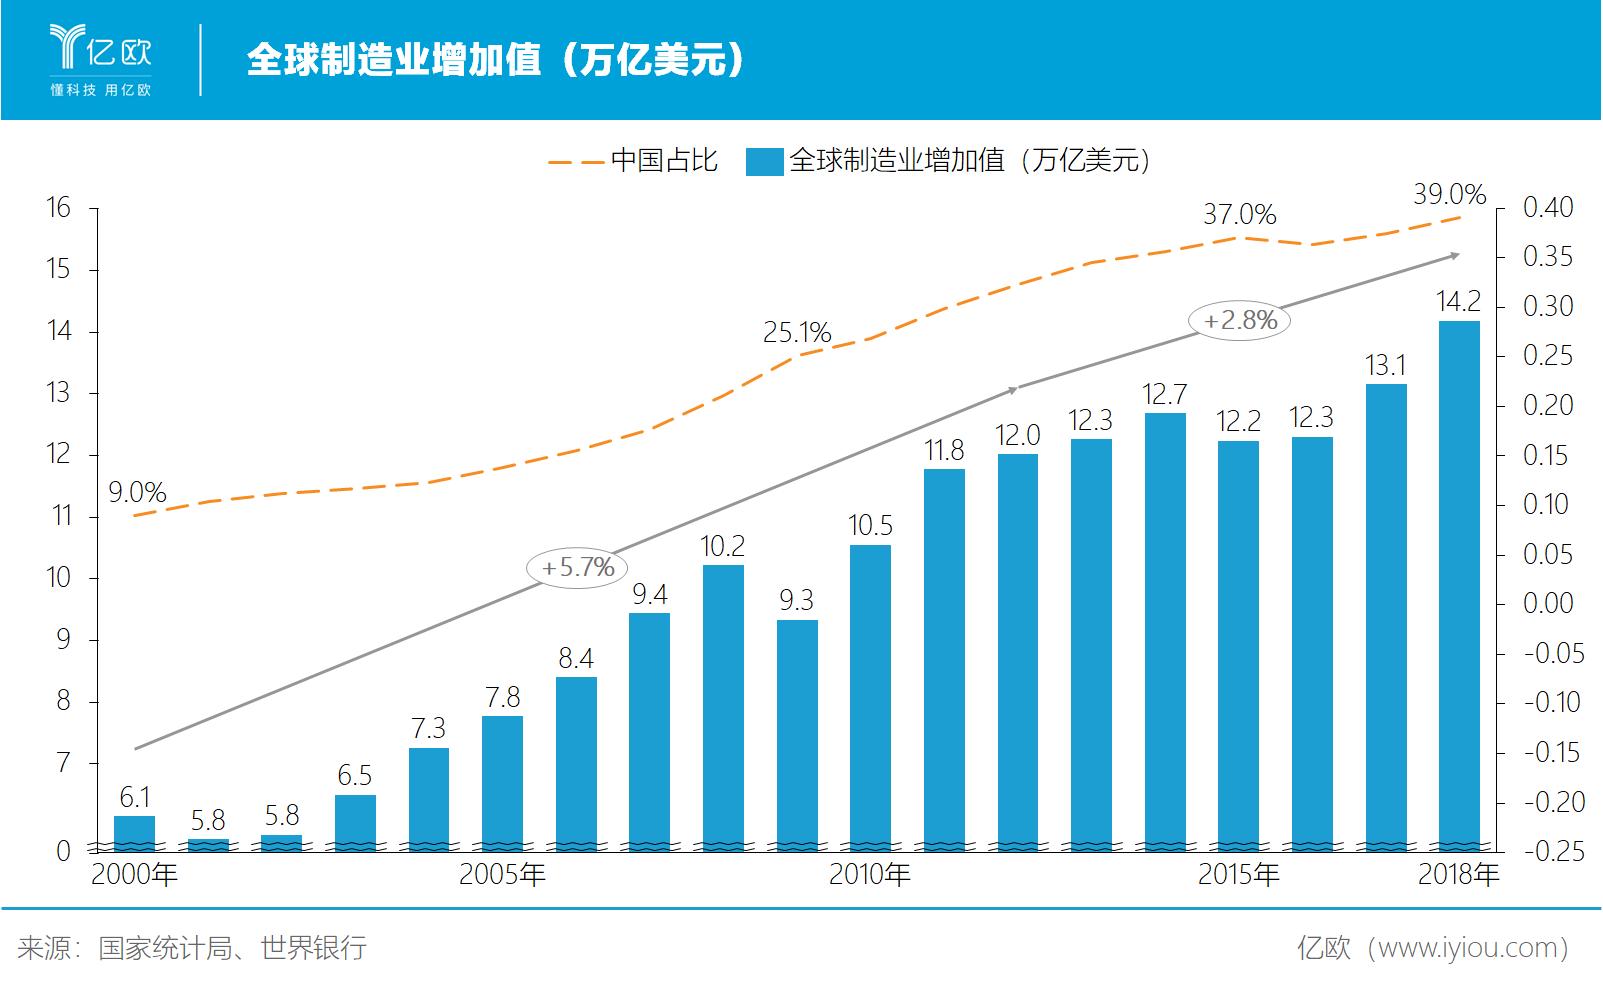 必赢亚州366net智库:全球制造业增加值